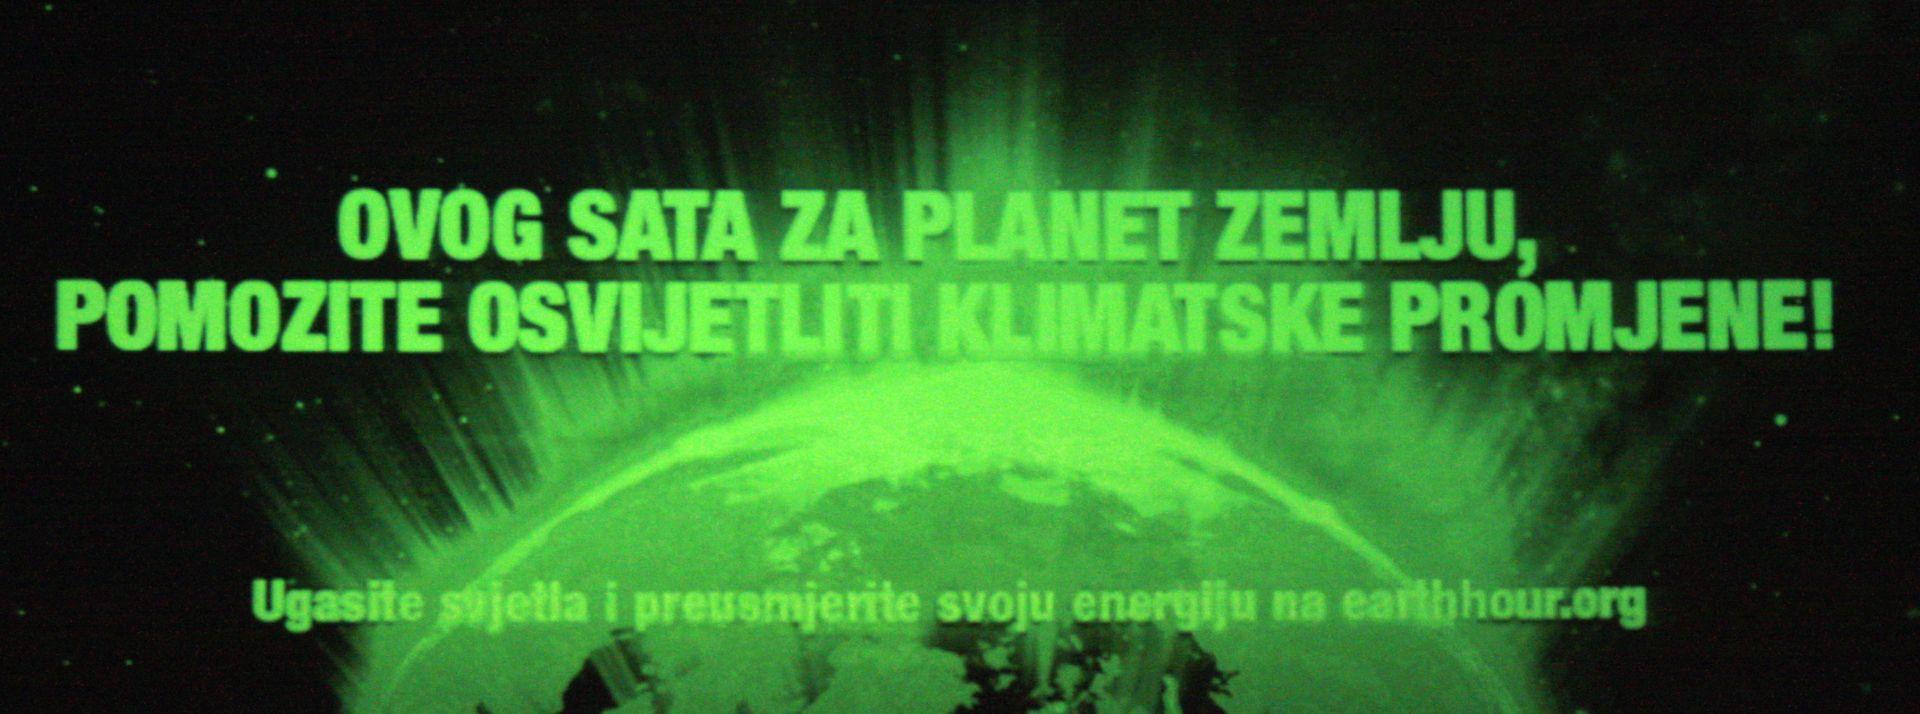 SAT ZA PLANET ZEMLJU: 68 hrvatskih gradova danas gasi svijetla